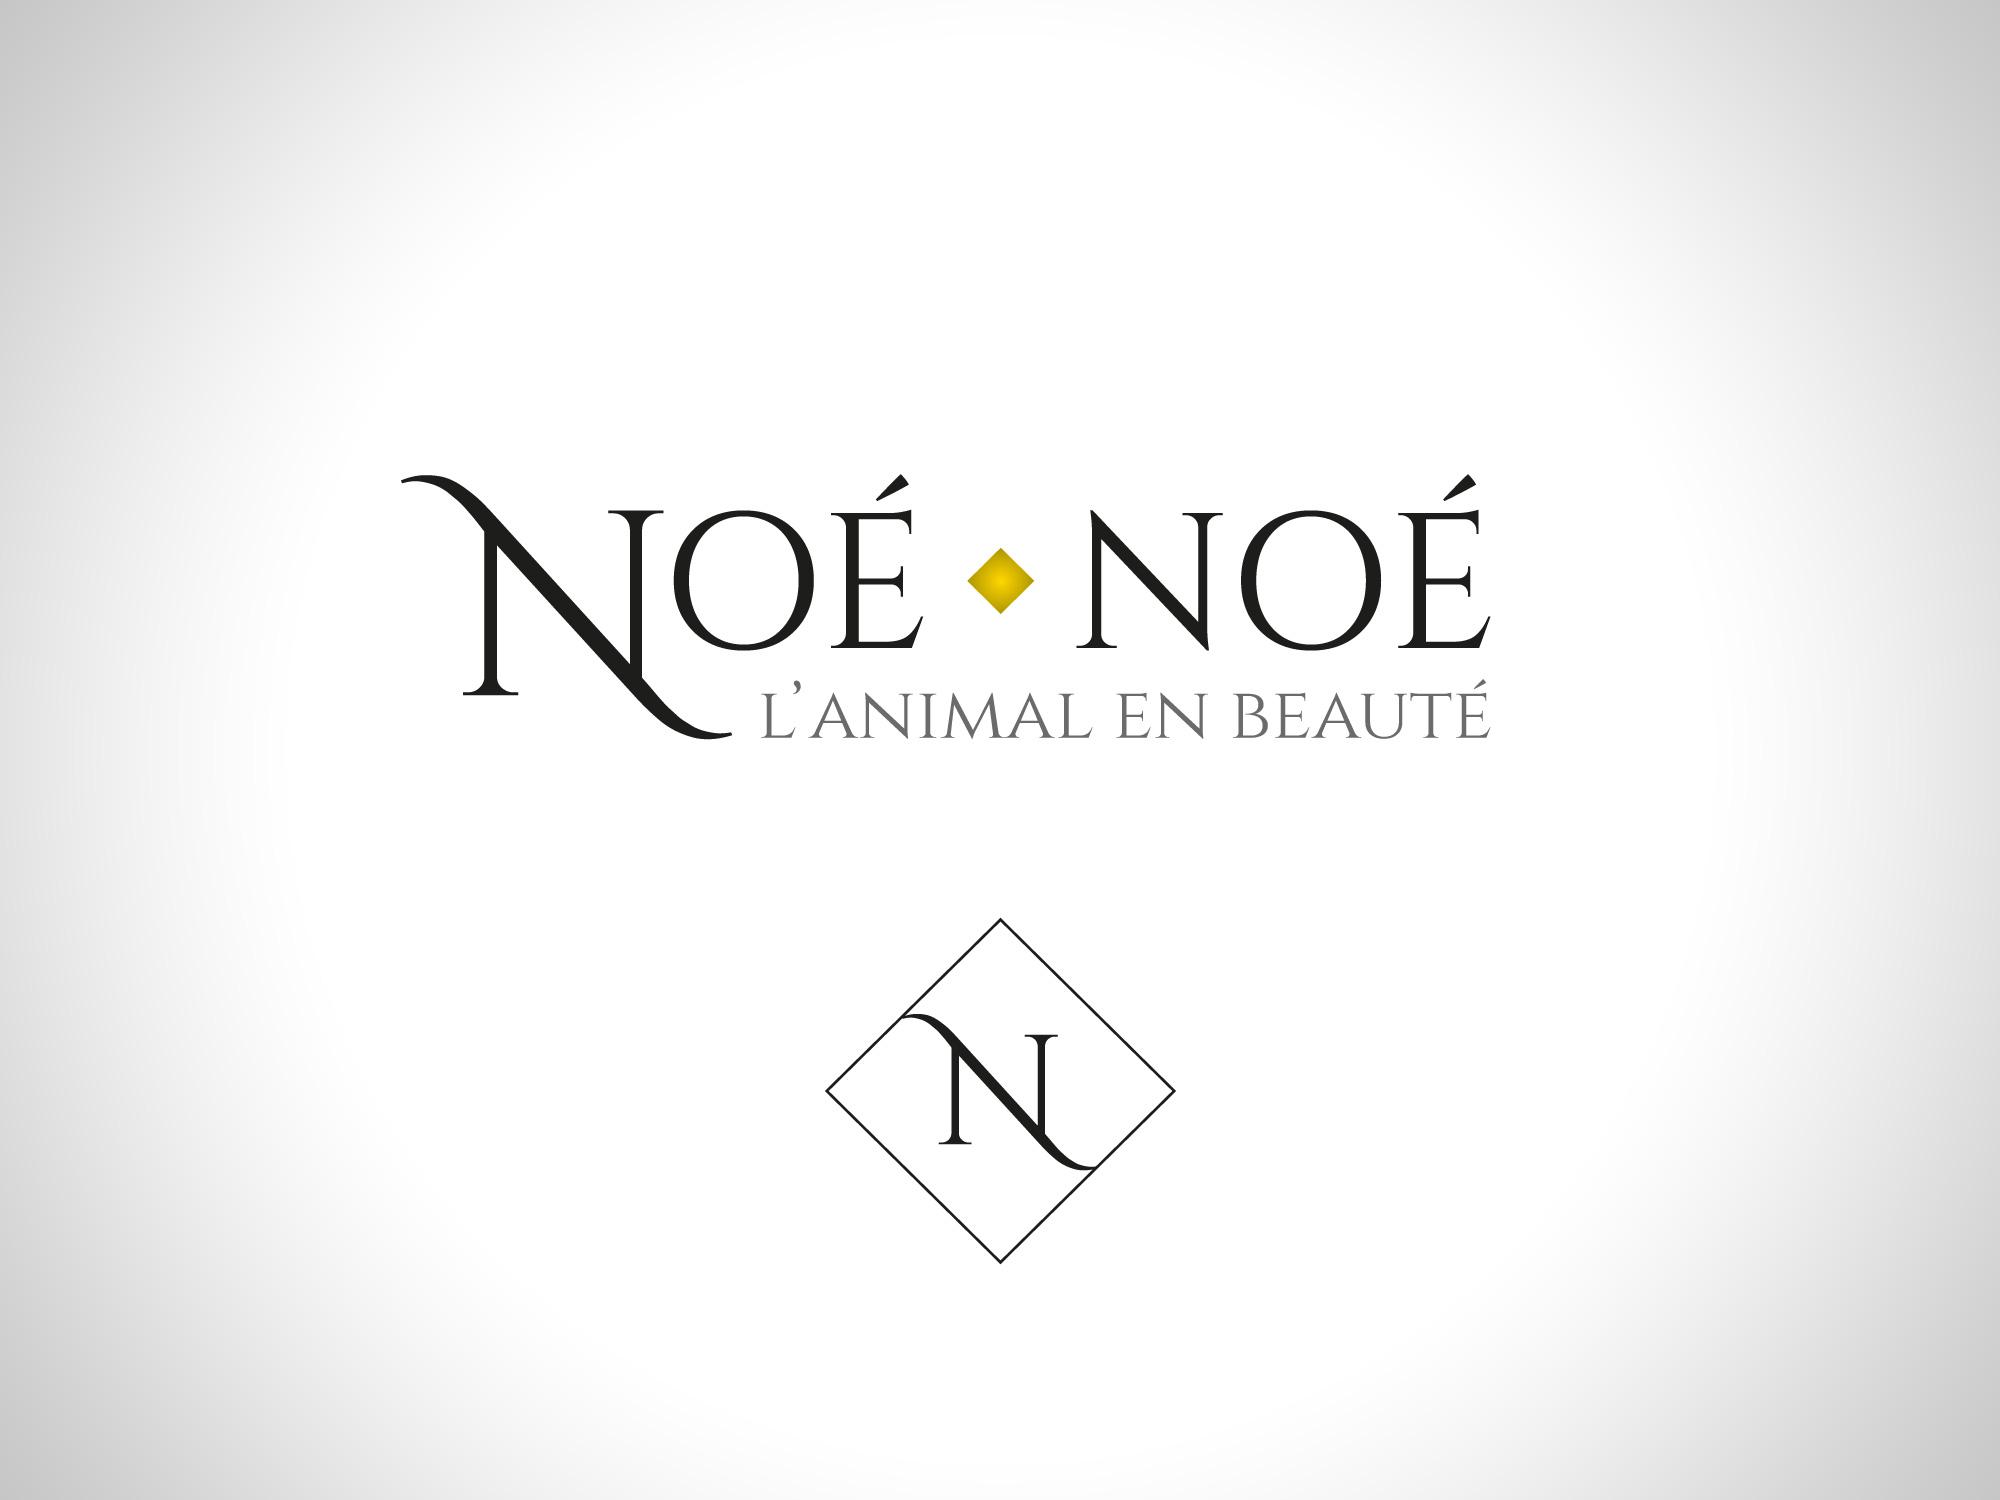 Noé-Noé